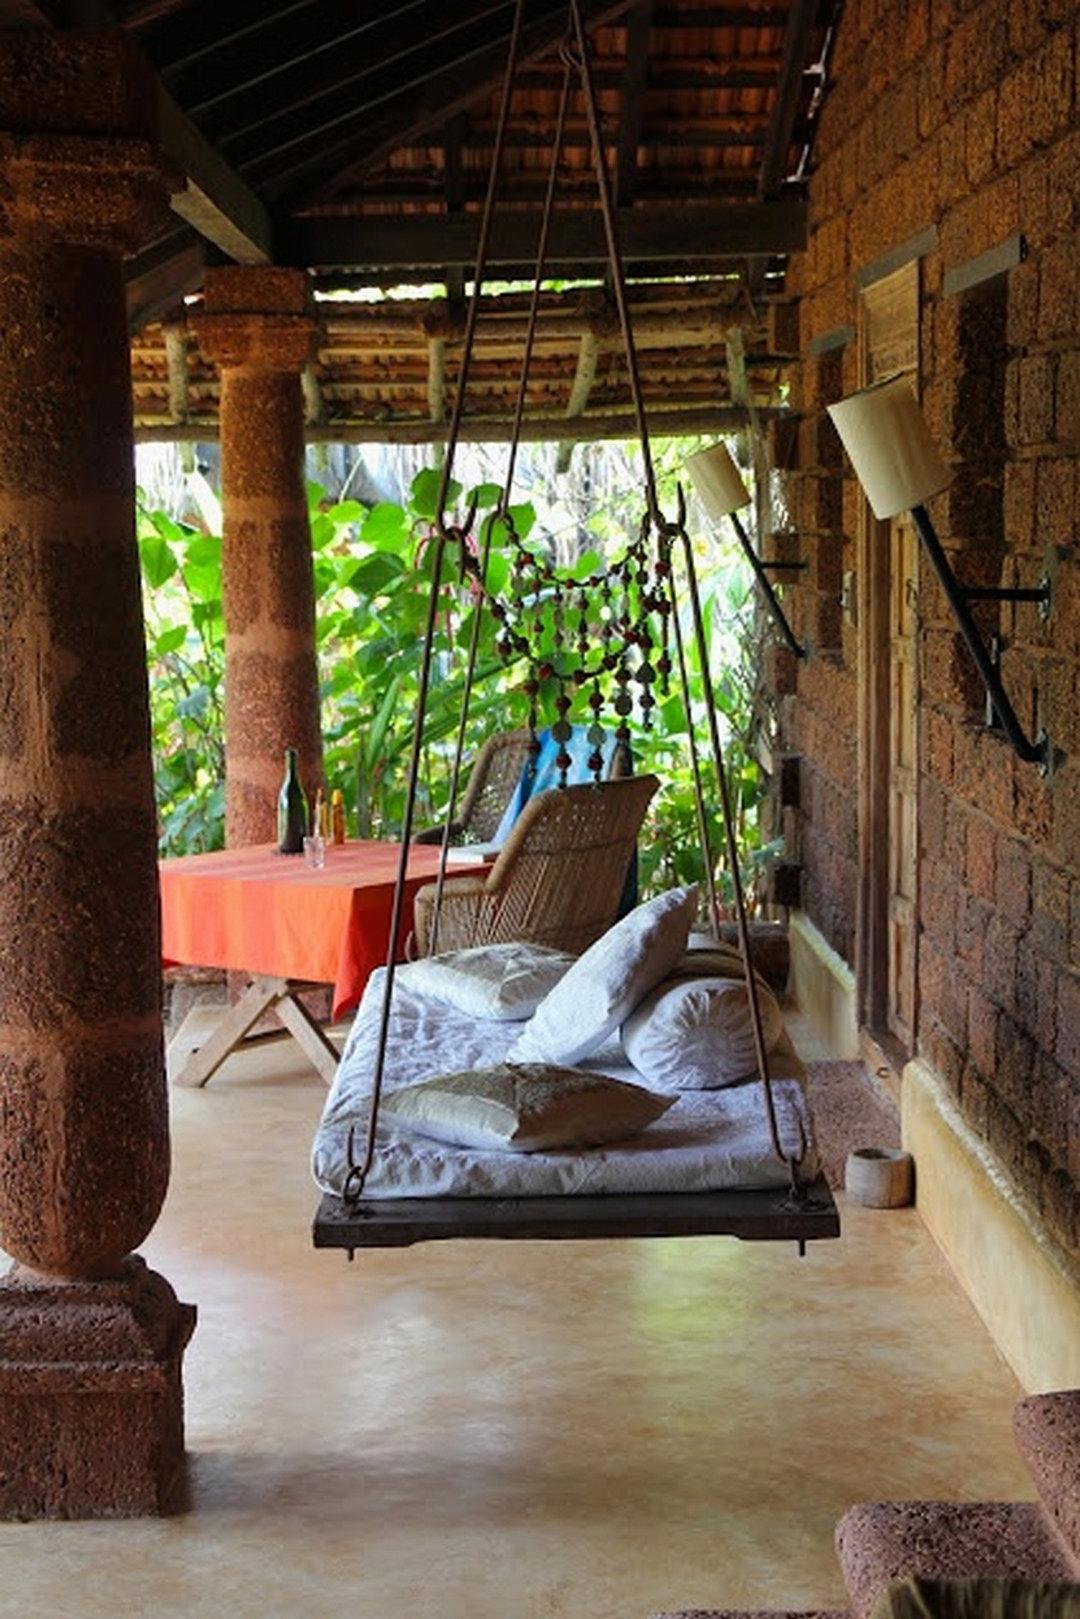 70 Amazing Hanging Bed Designs Furniture Design Ideas Diy Patio